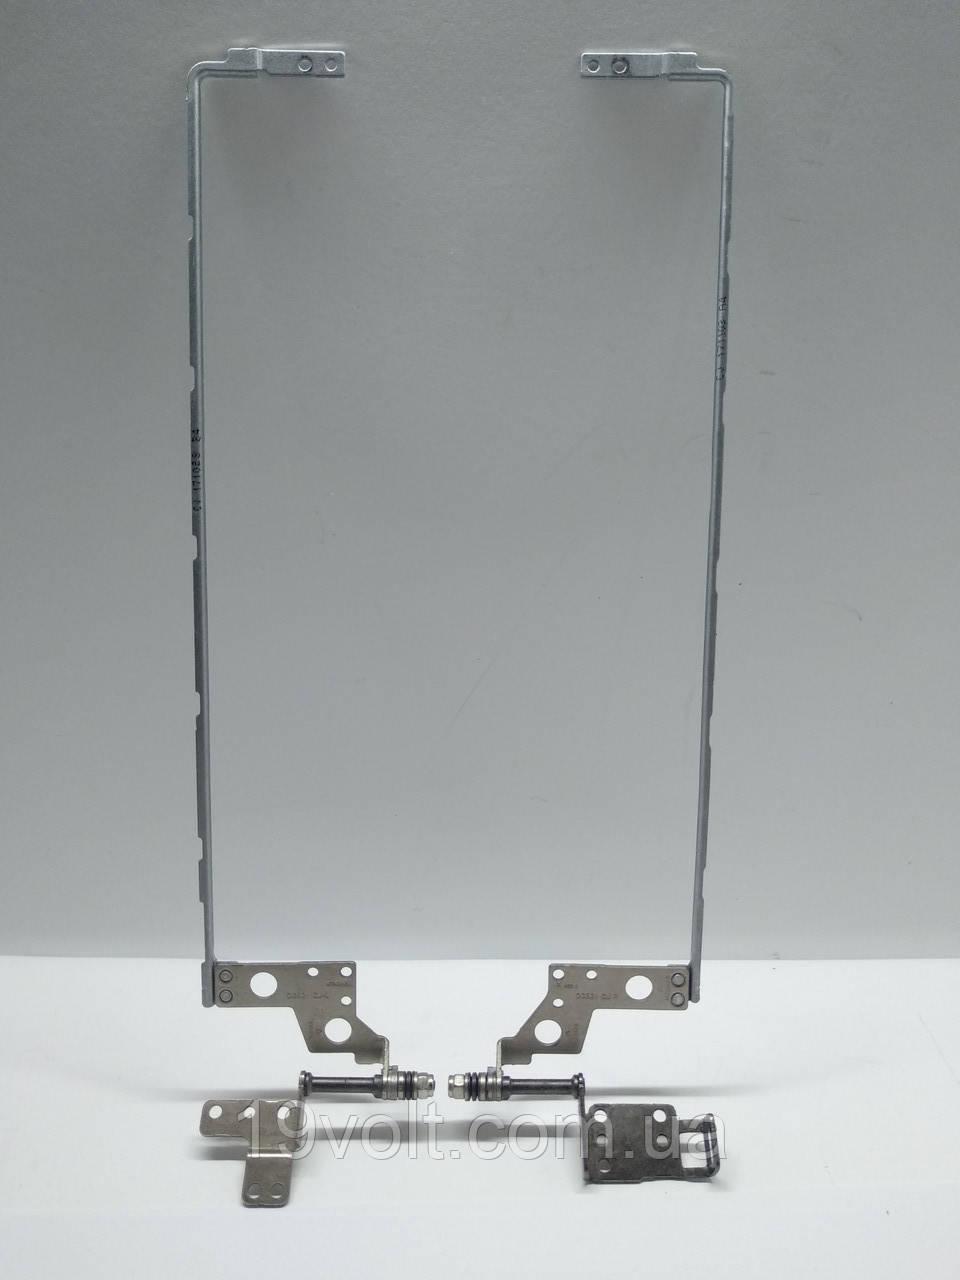 Петлі стійки шарніри до Lenovo IdeaPad 330-15, 330-15ARR, 330-15AST, 330-15IKB, 330-15IGM, 330-15ICH